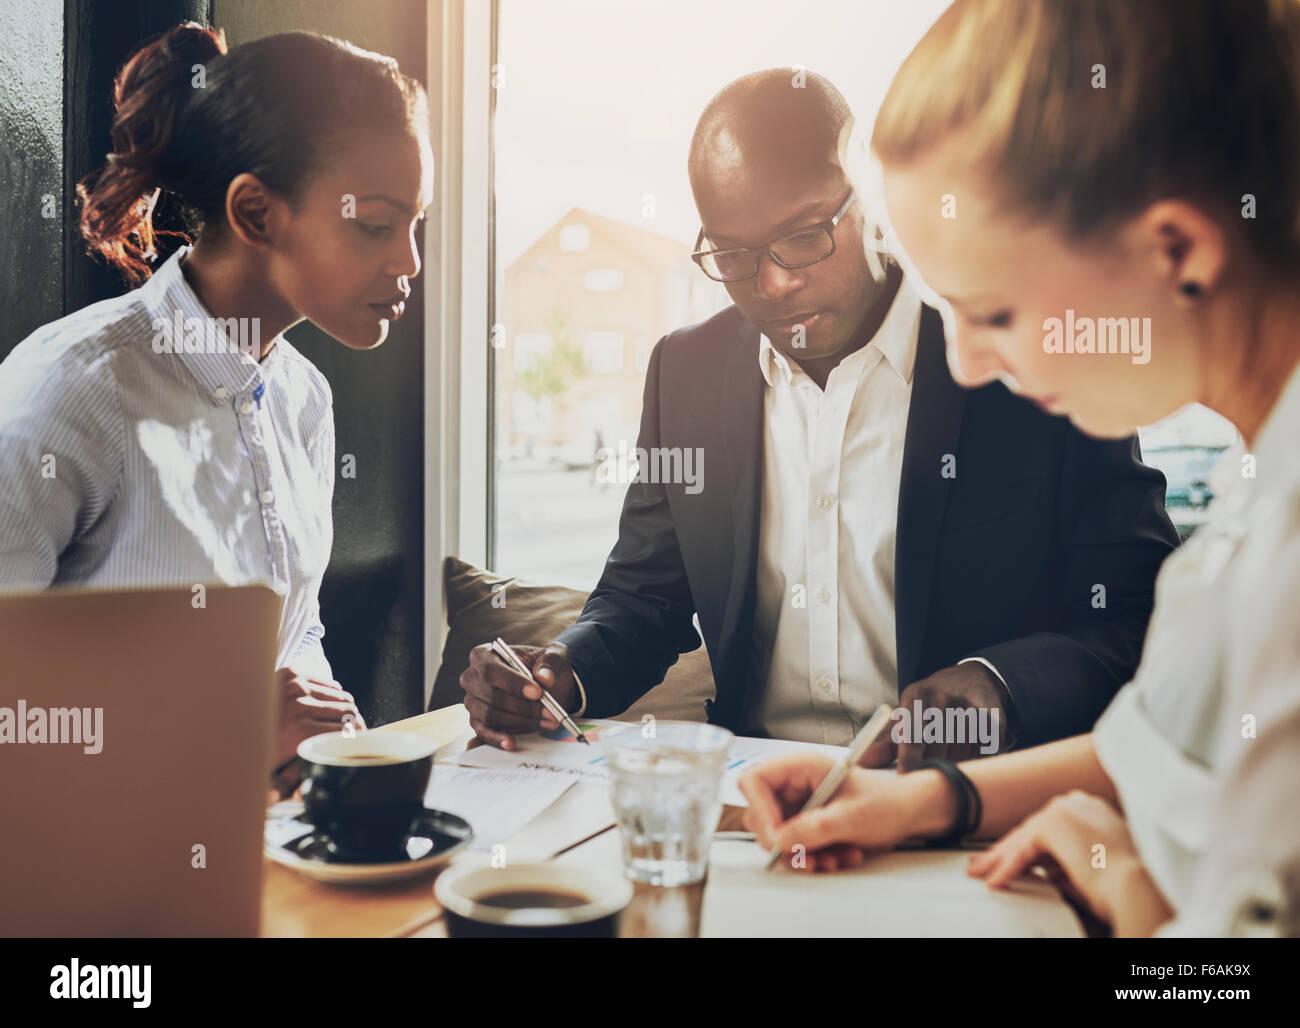 Gruppo gravi della gente di affari di lavoro, multi gruppo etnico, business, imprenditore, avviare il concetto Immagini Stock